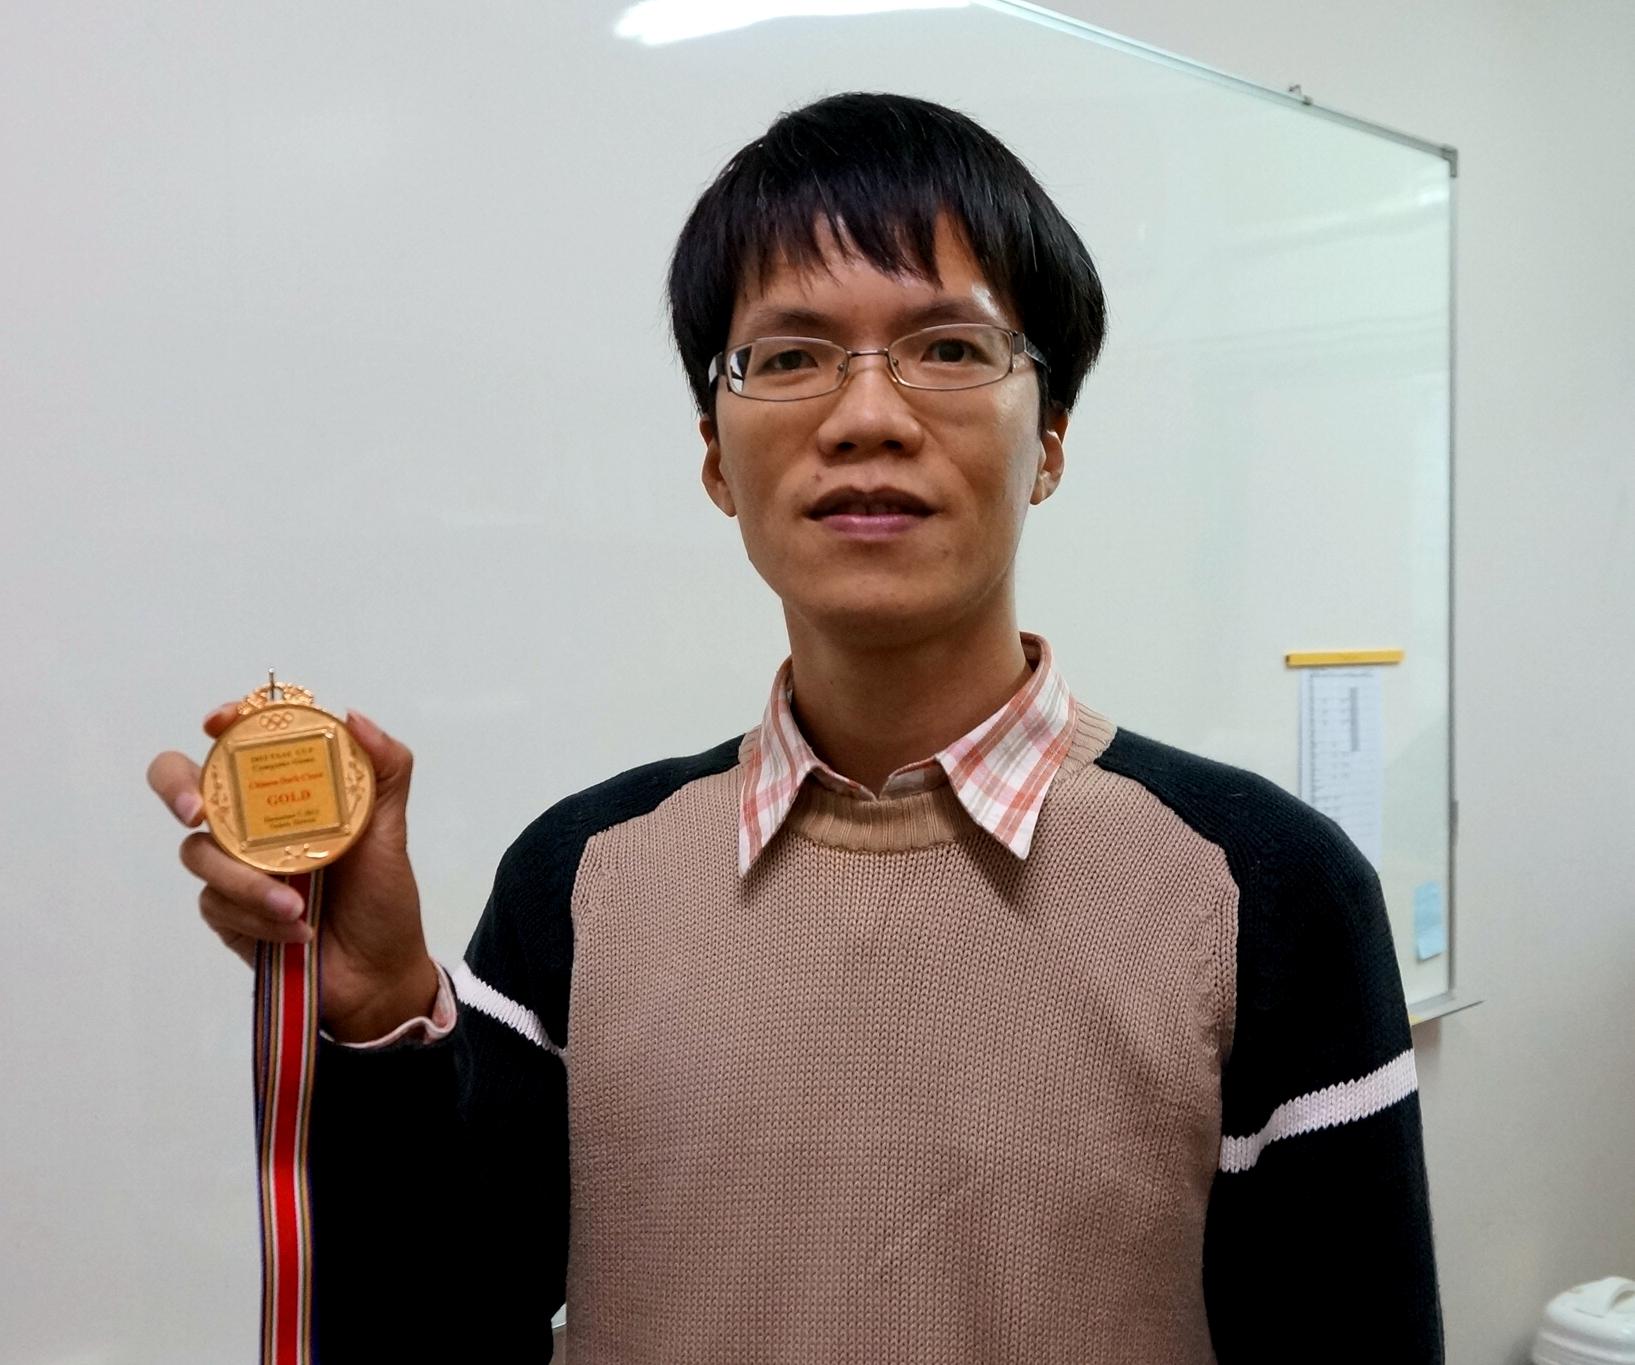 賀!應數系陳志昌老師團隊 獲電腦對局競賽冠軍